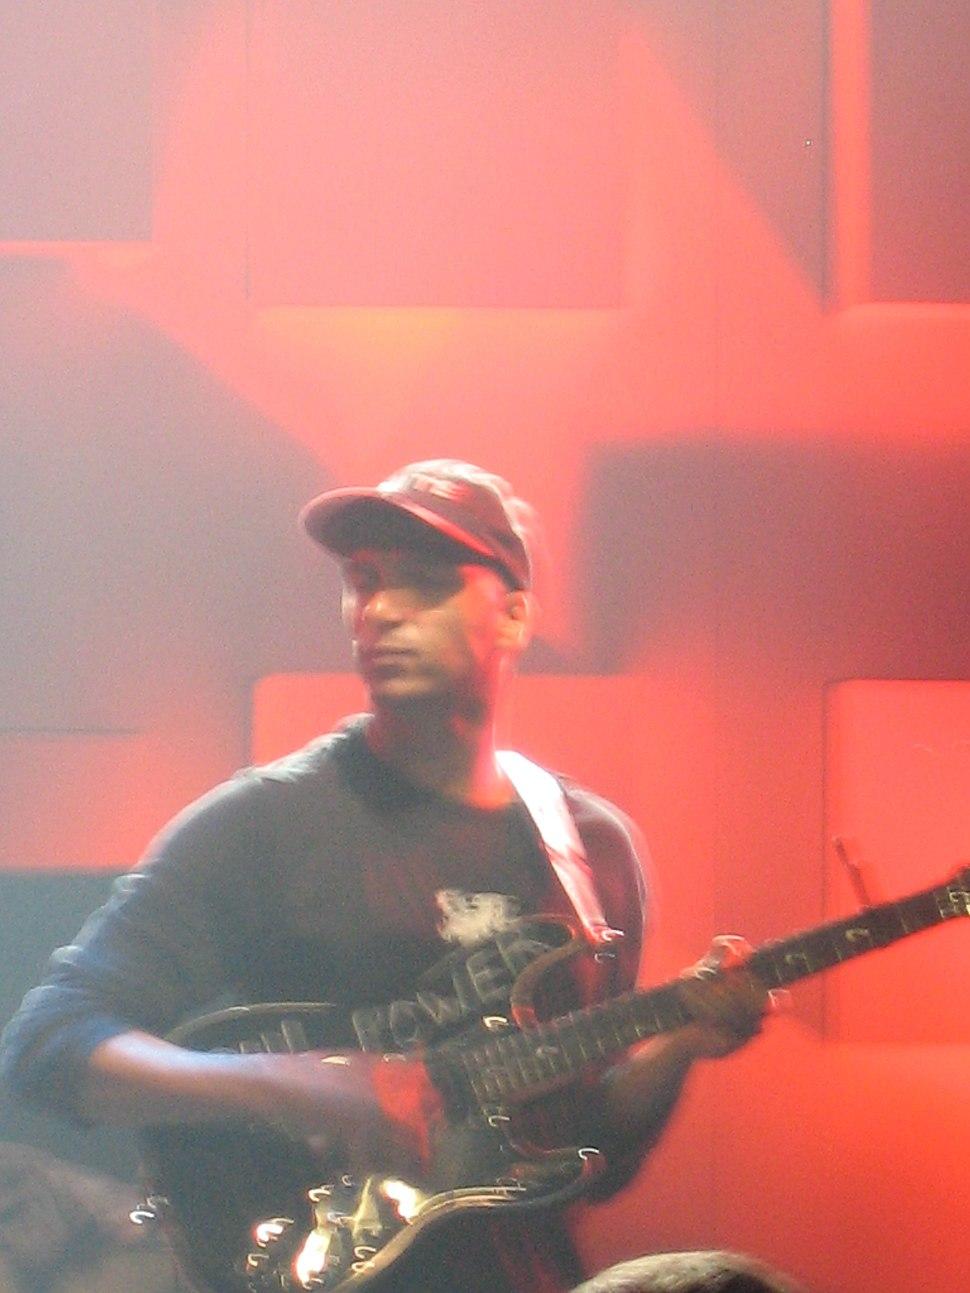 Tom Morello Montreux Jazz Festival 2005